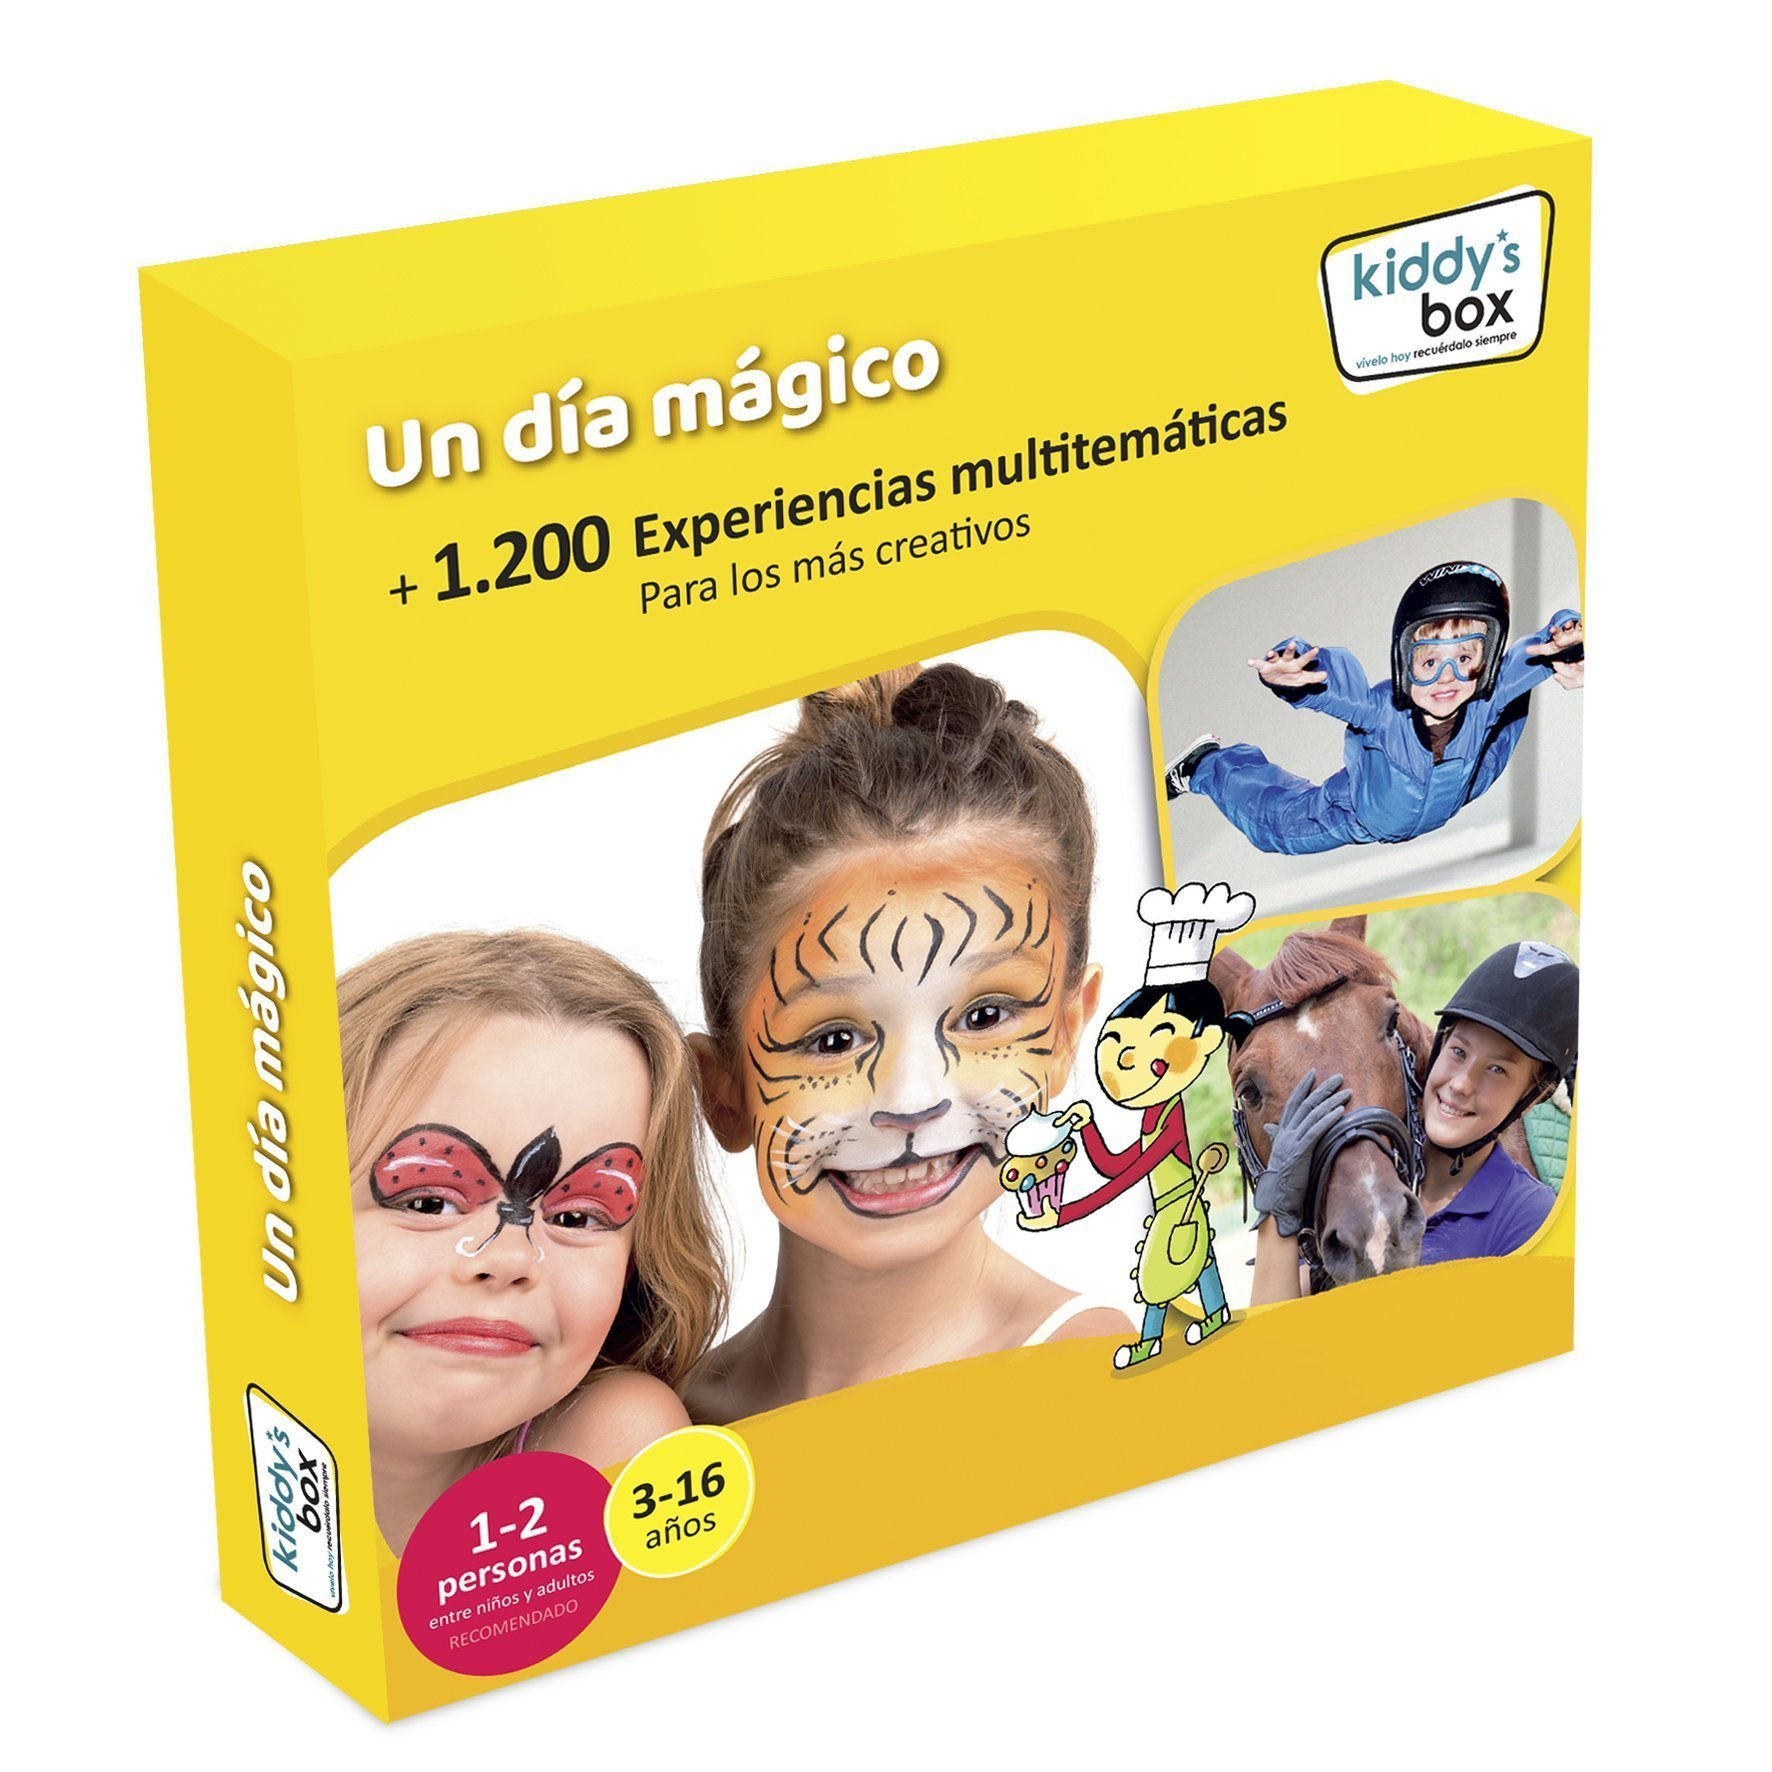 Kiddy´s box, un regalo para niños y familias.